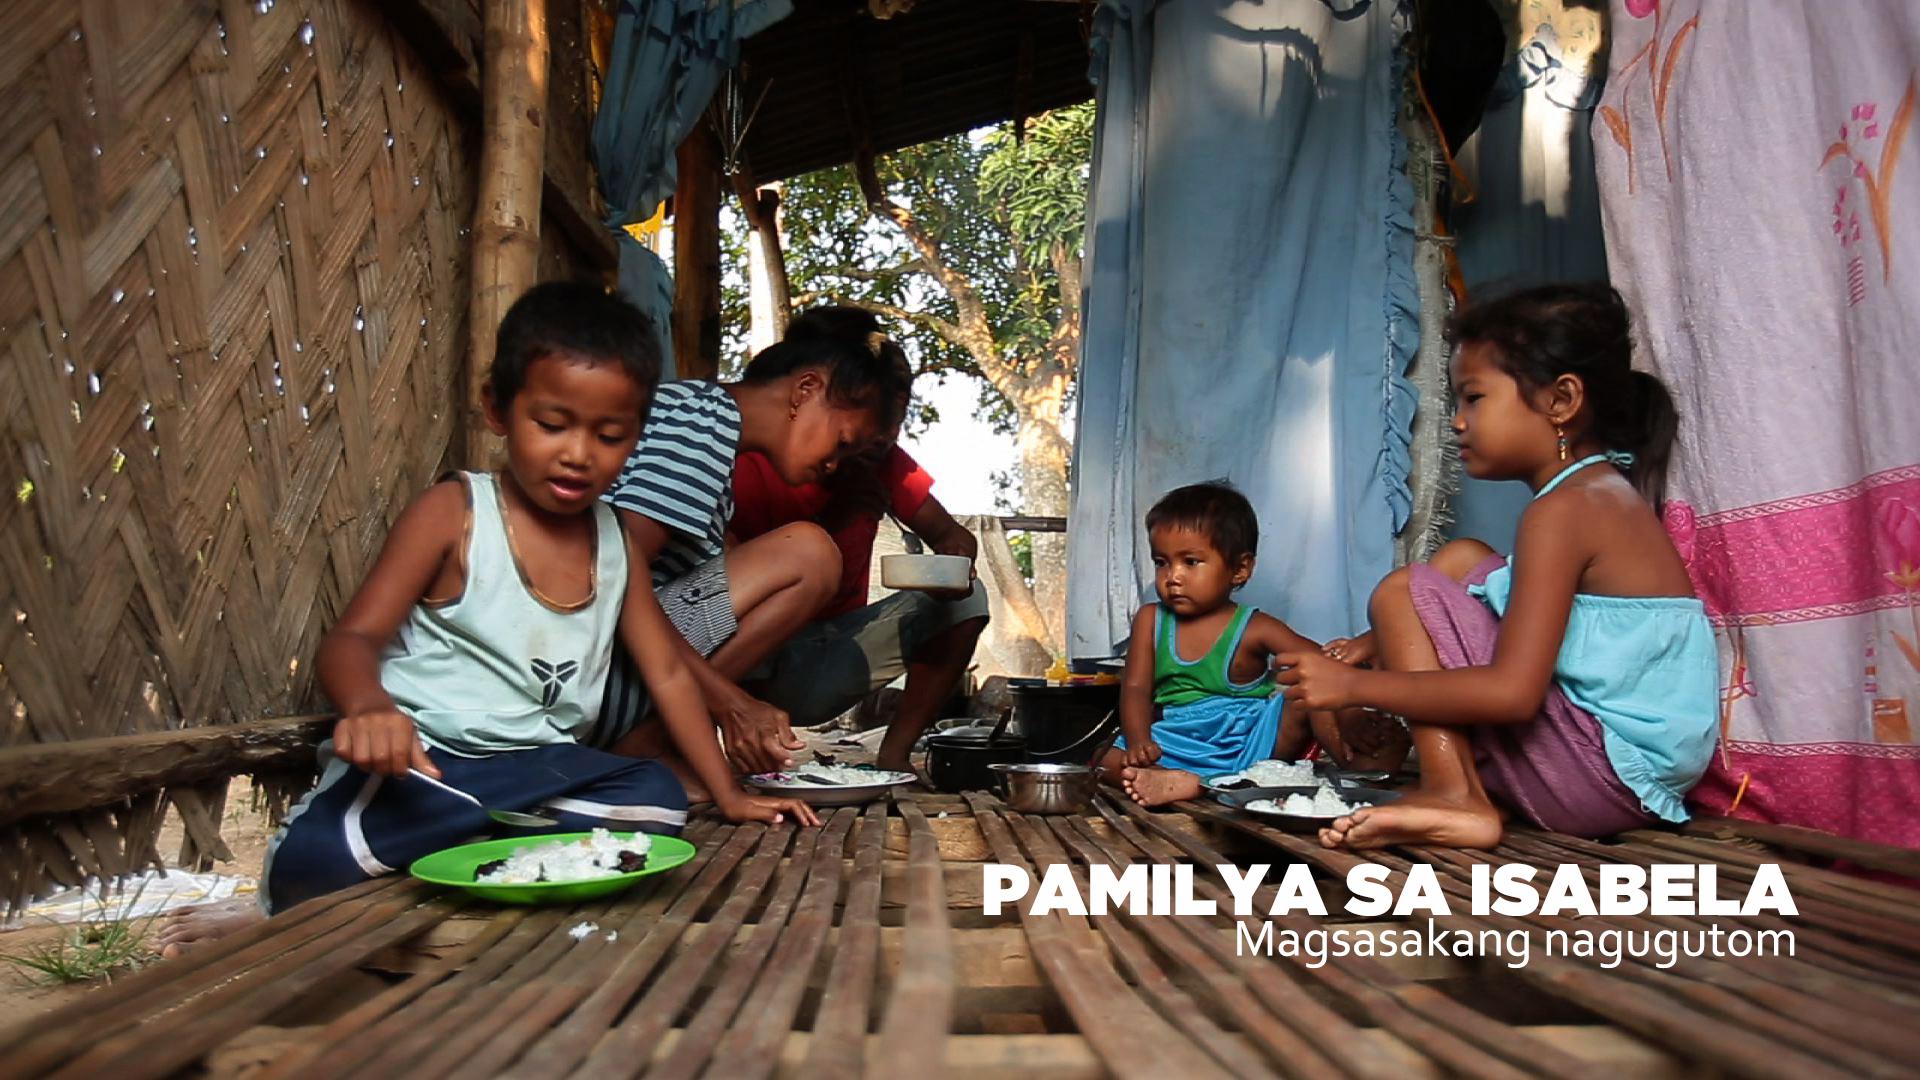 magsasaka-Jayson-Bernard-Santos-GMA-News-Public-Affairs-SubSelfie-Blog